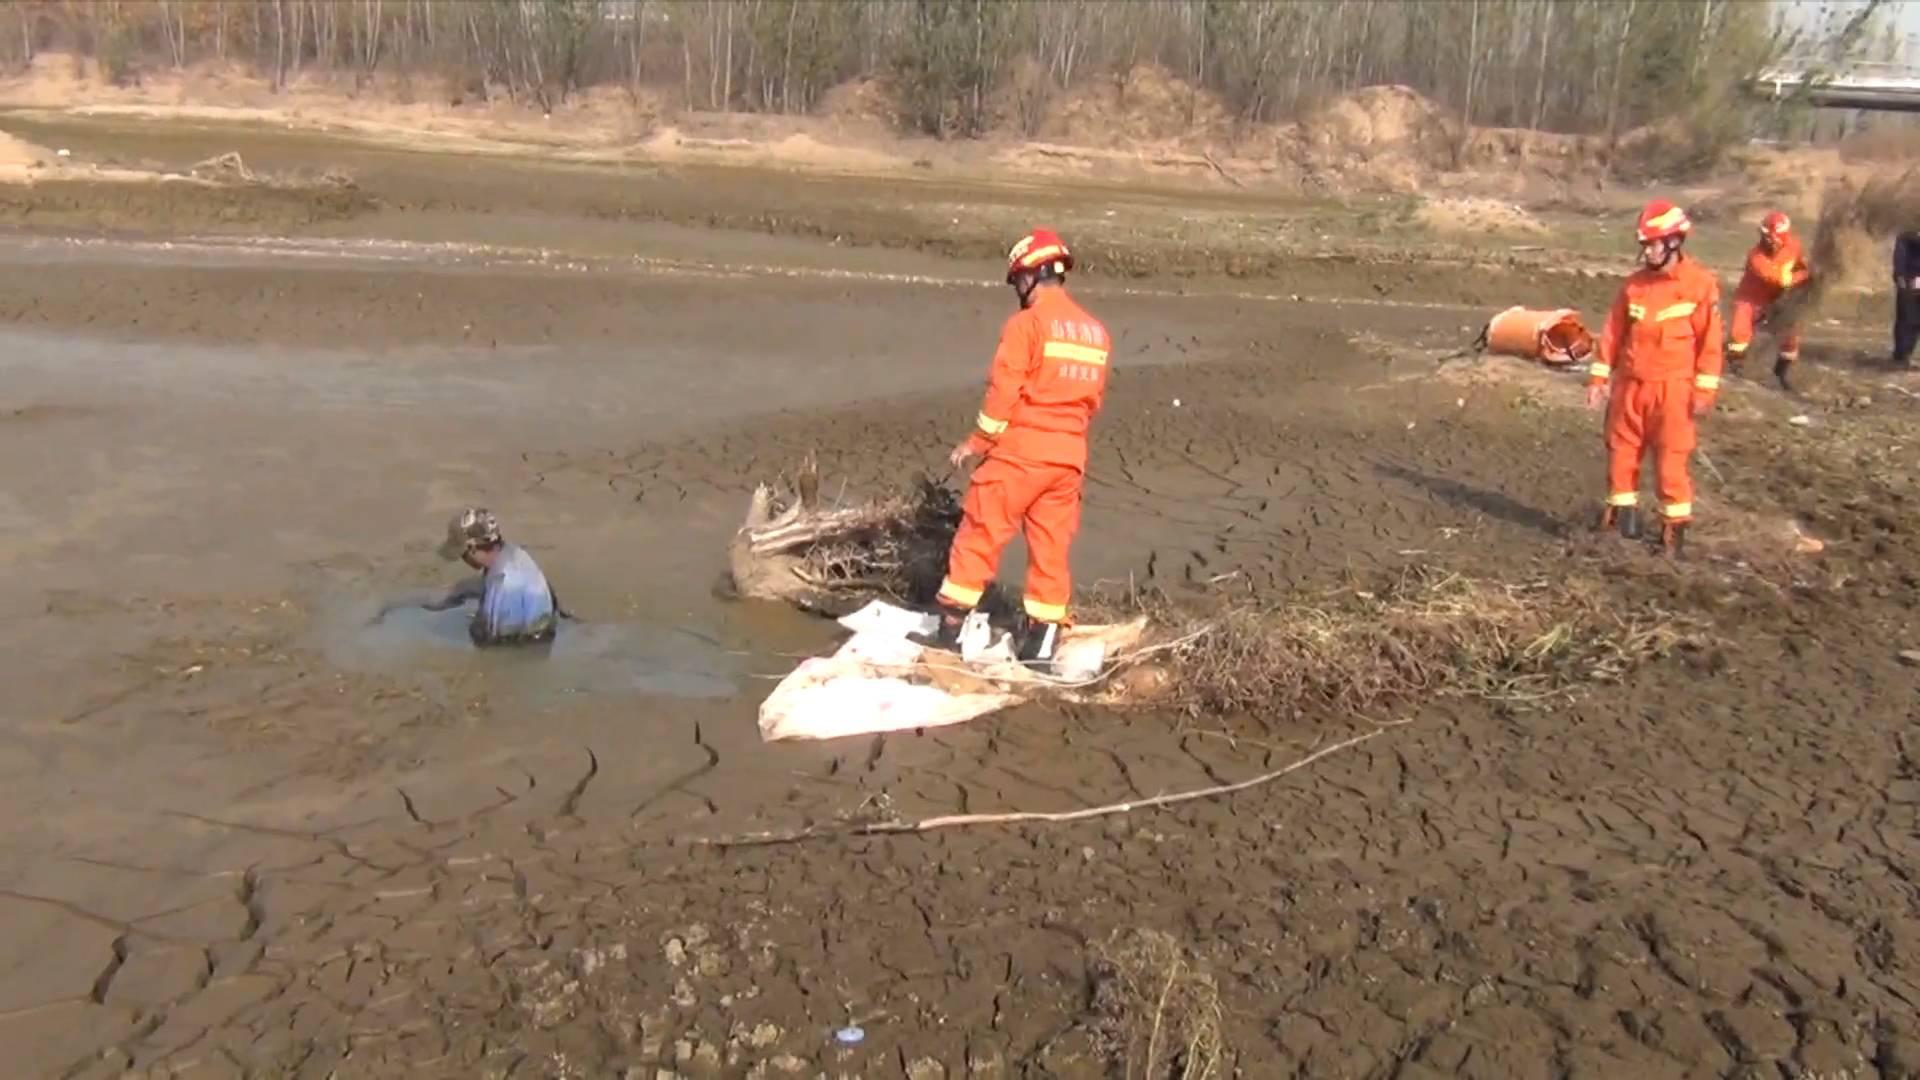 《应急在线》20201115:莒县:男子深陷泥潭难自拔 消防队员紧急救援